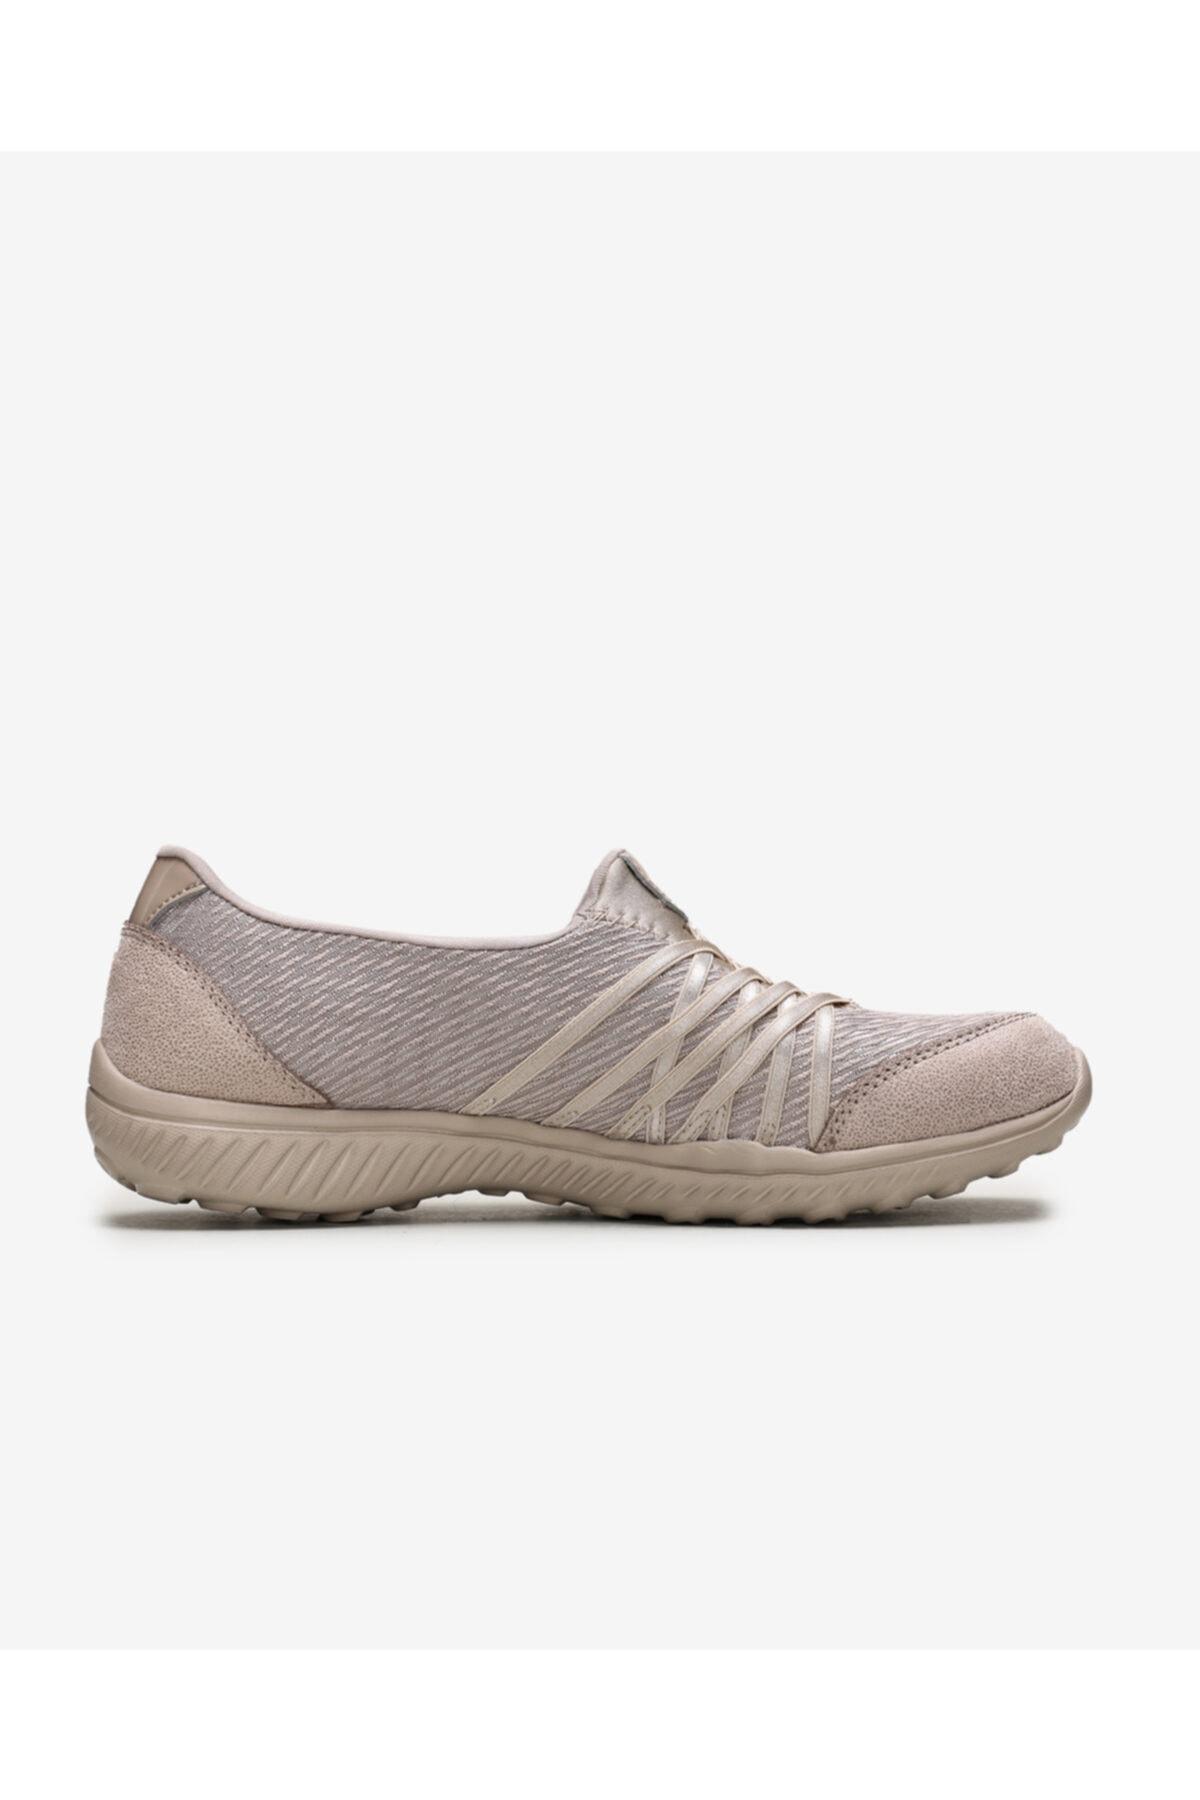 SKECHERS BE-LIGHT - GOOD STORY Kadın Bej Günlük Ayakkabı 2